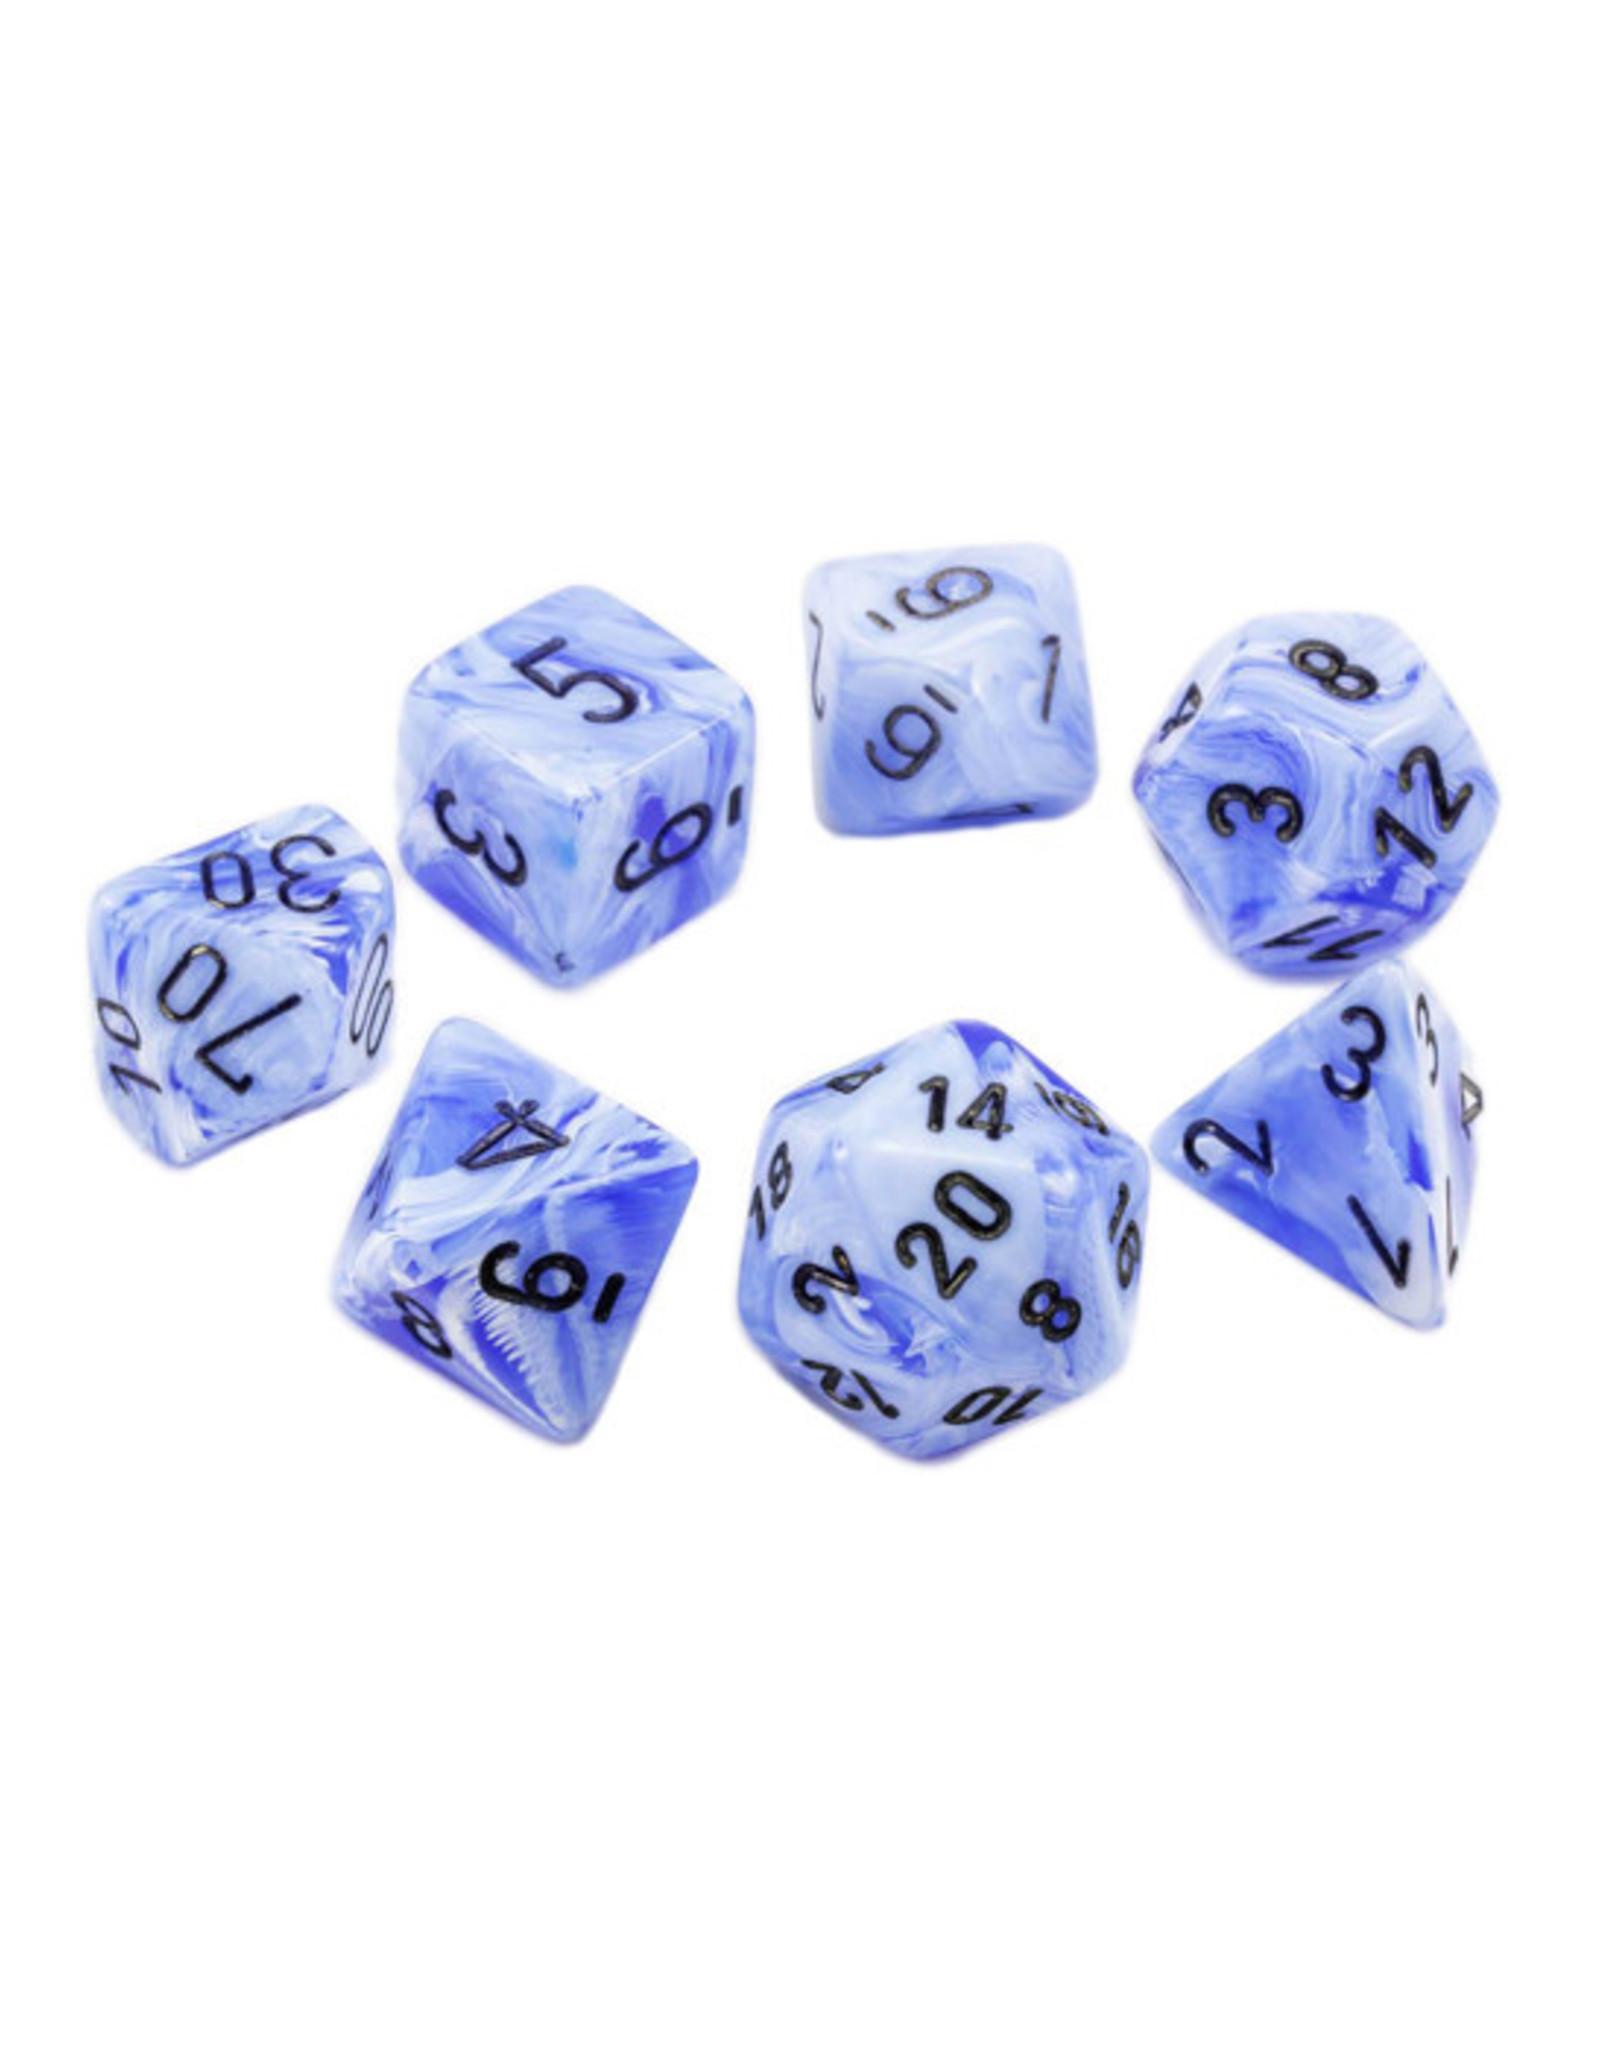 Chessex Chessex: Poly 7 Set - Vortex - Snow Blue w/ Black